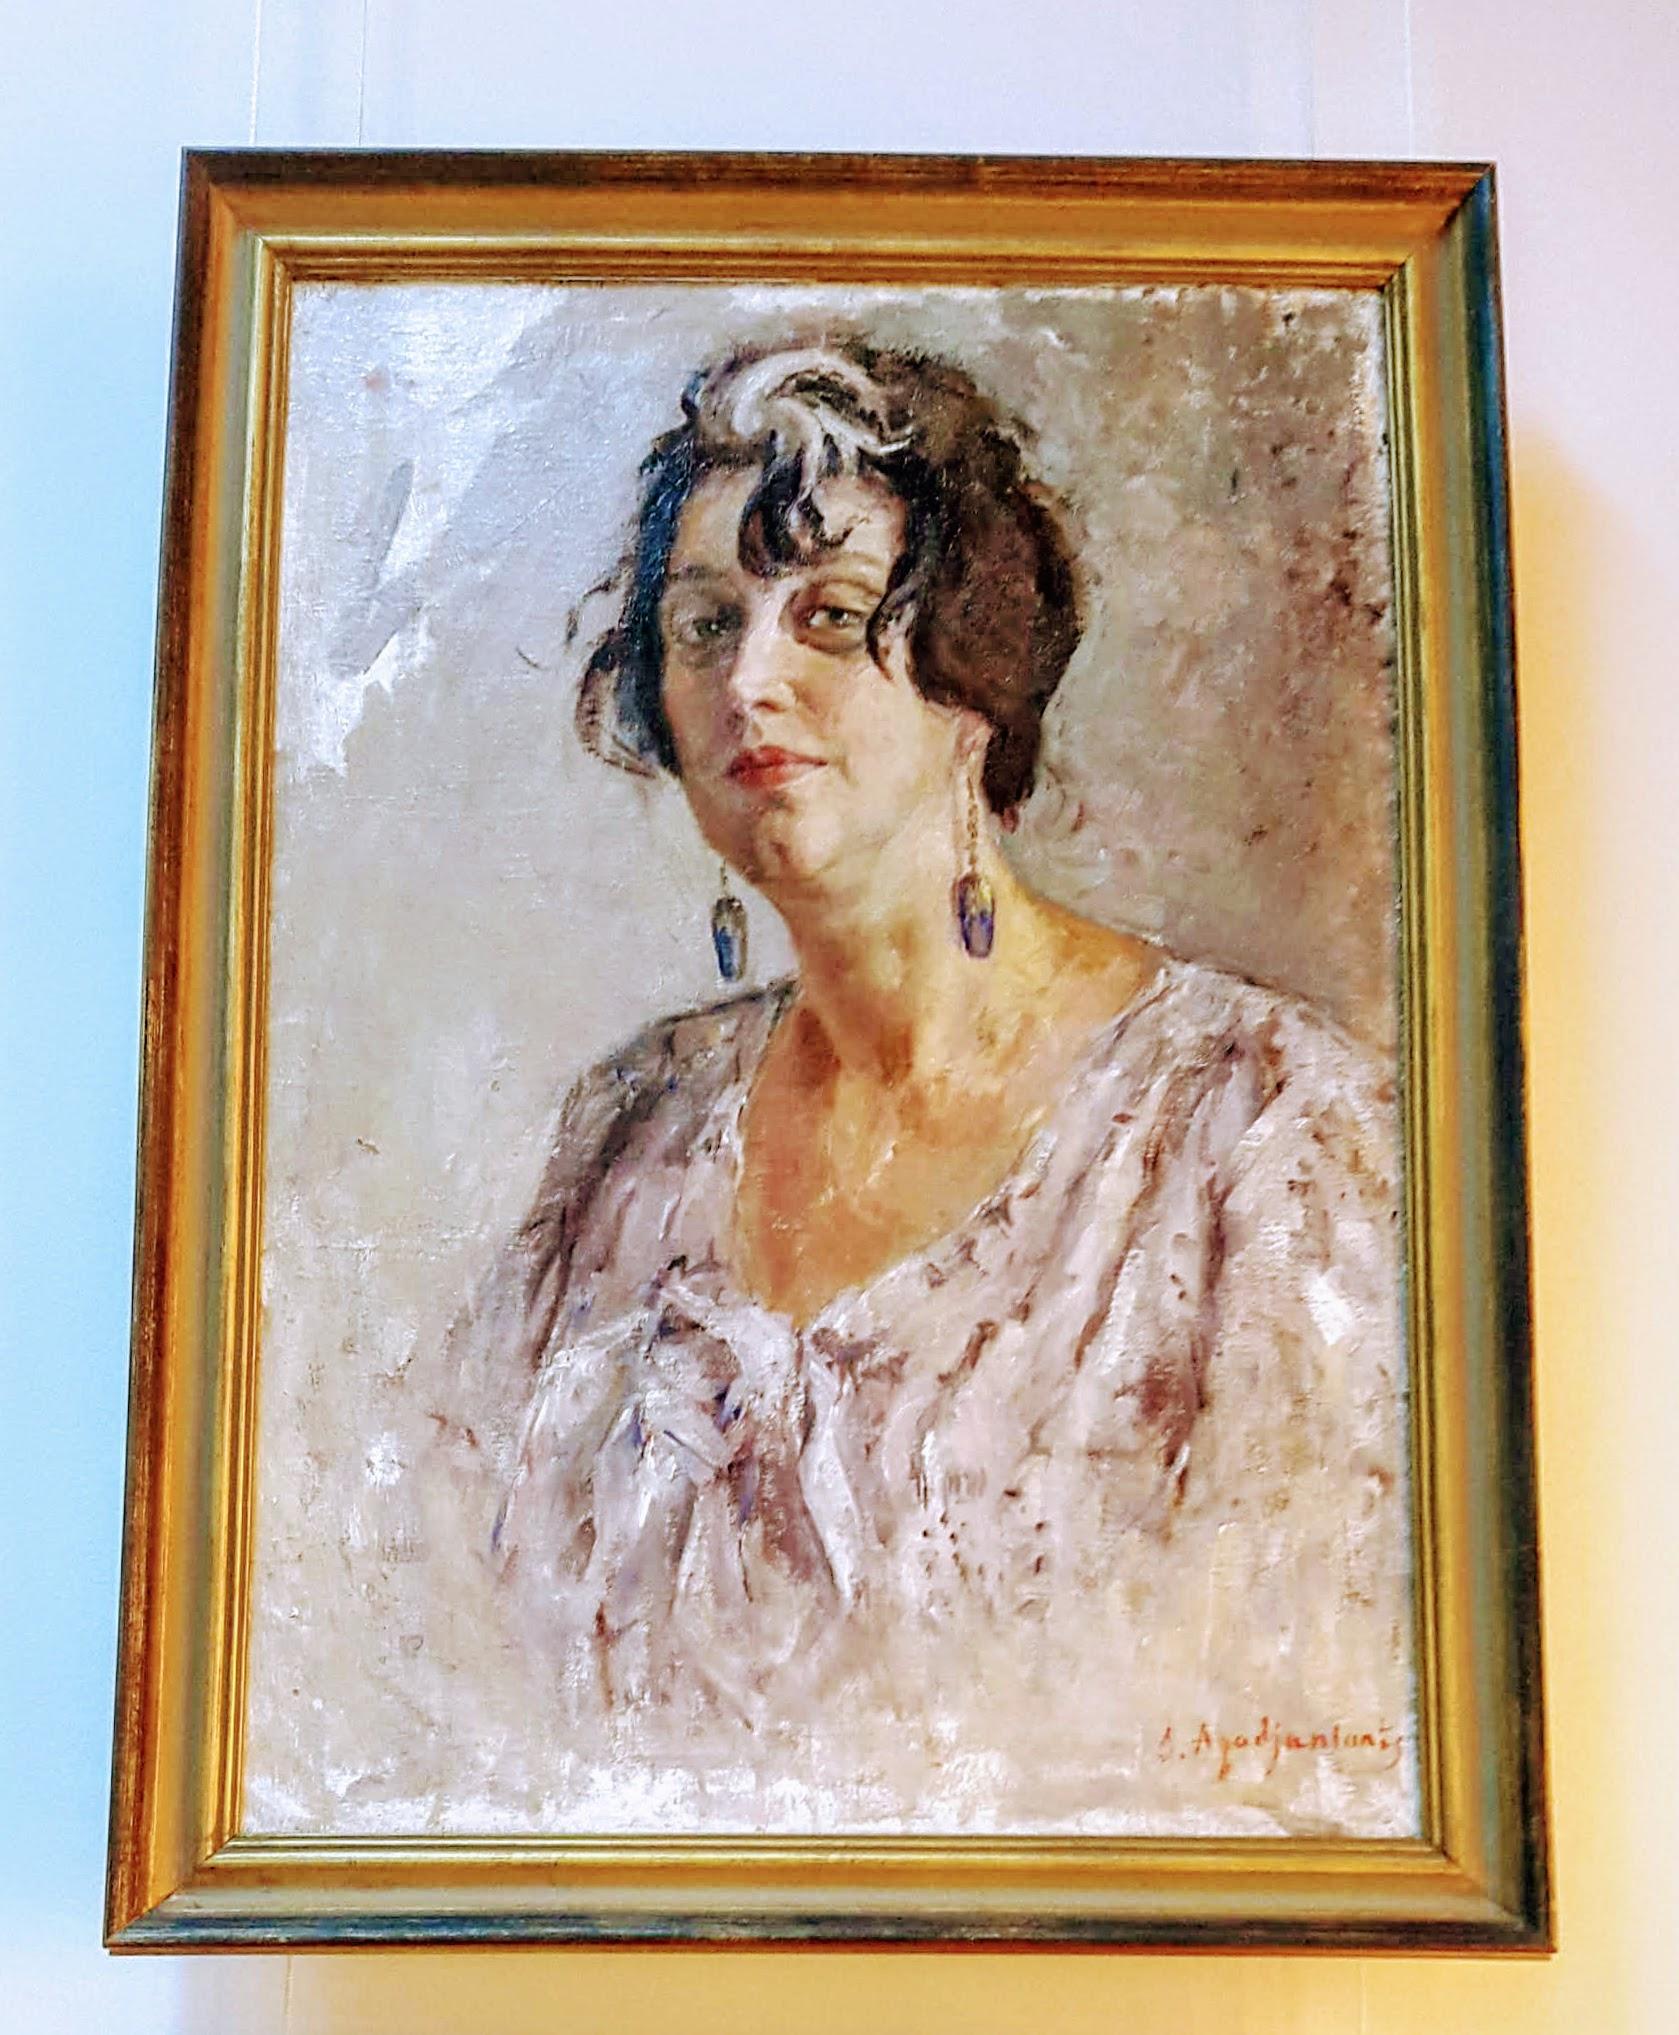 Porträt der Schauspielerin Baronkina von Stepan Gahajanian, 1935